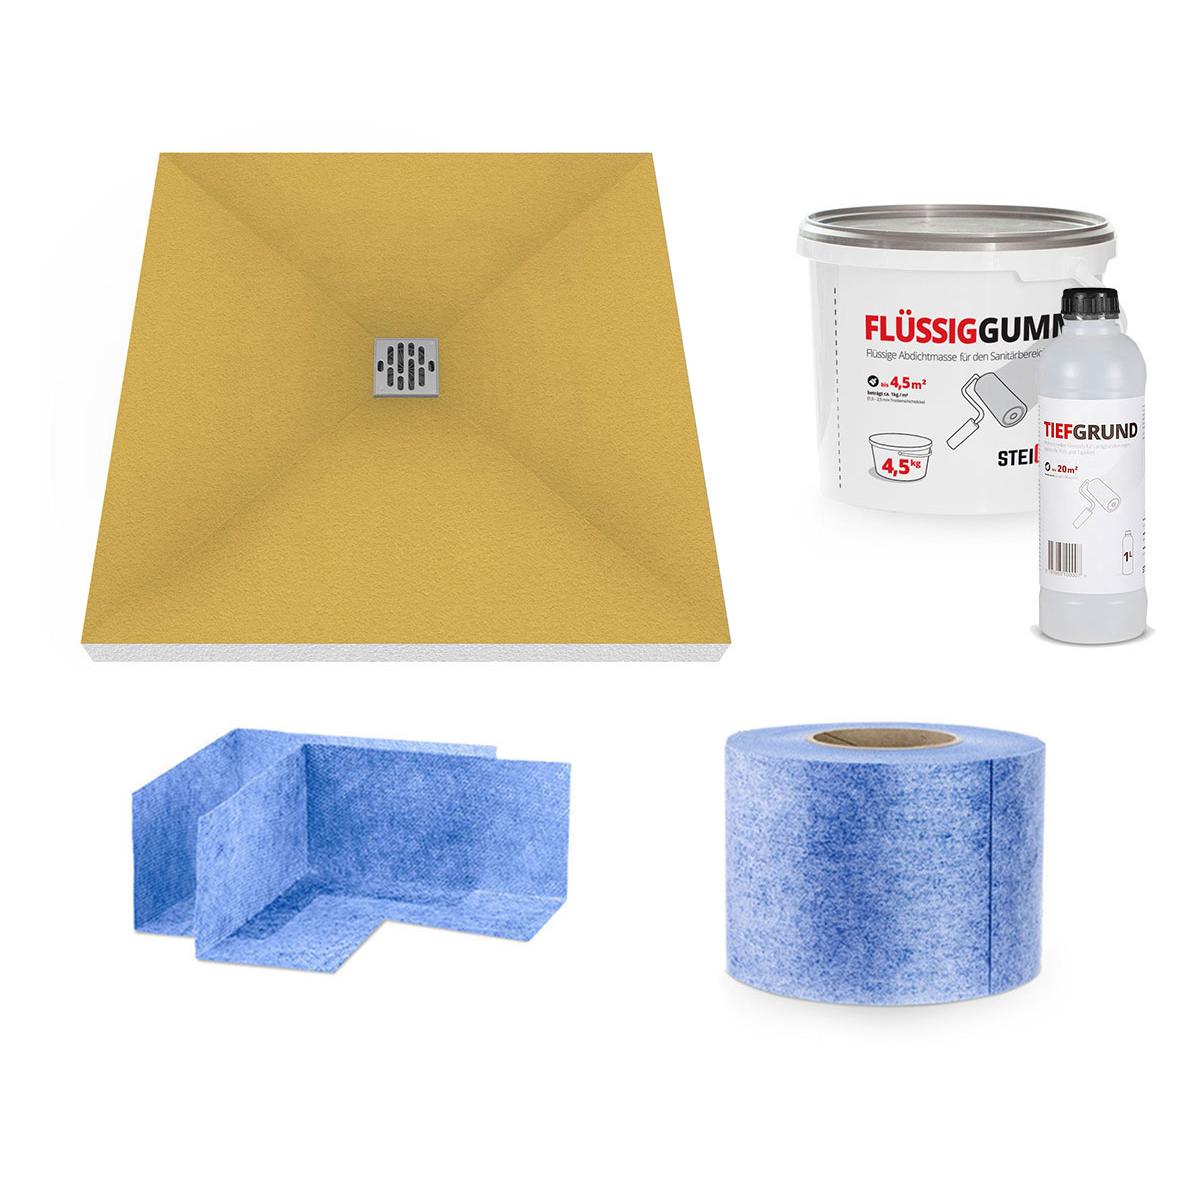 duschelement duschboard befliesbar duschtasse bodeneben. Black Bedroom Furniture Sets. Home Design Ideas